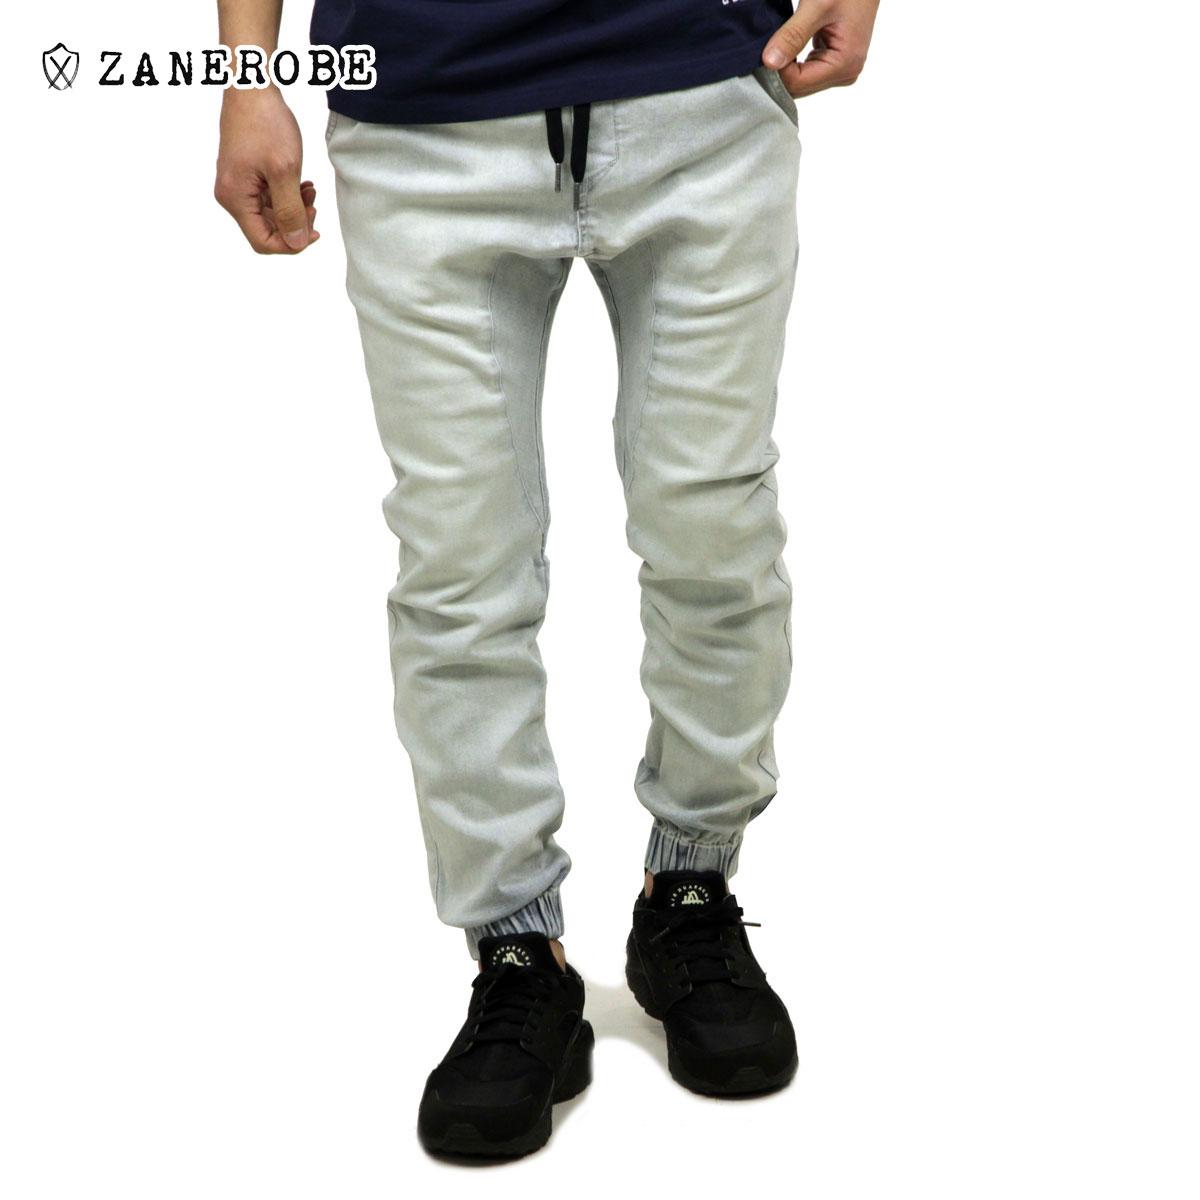 ゼンローブ ZANEROBE 正規販売店 メンズ デニム ジョガーパンツ SURESHOT DENIM JOGGER PANTS BLONDE WASH 730-VER